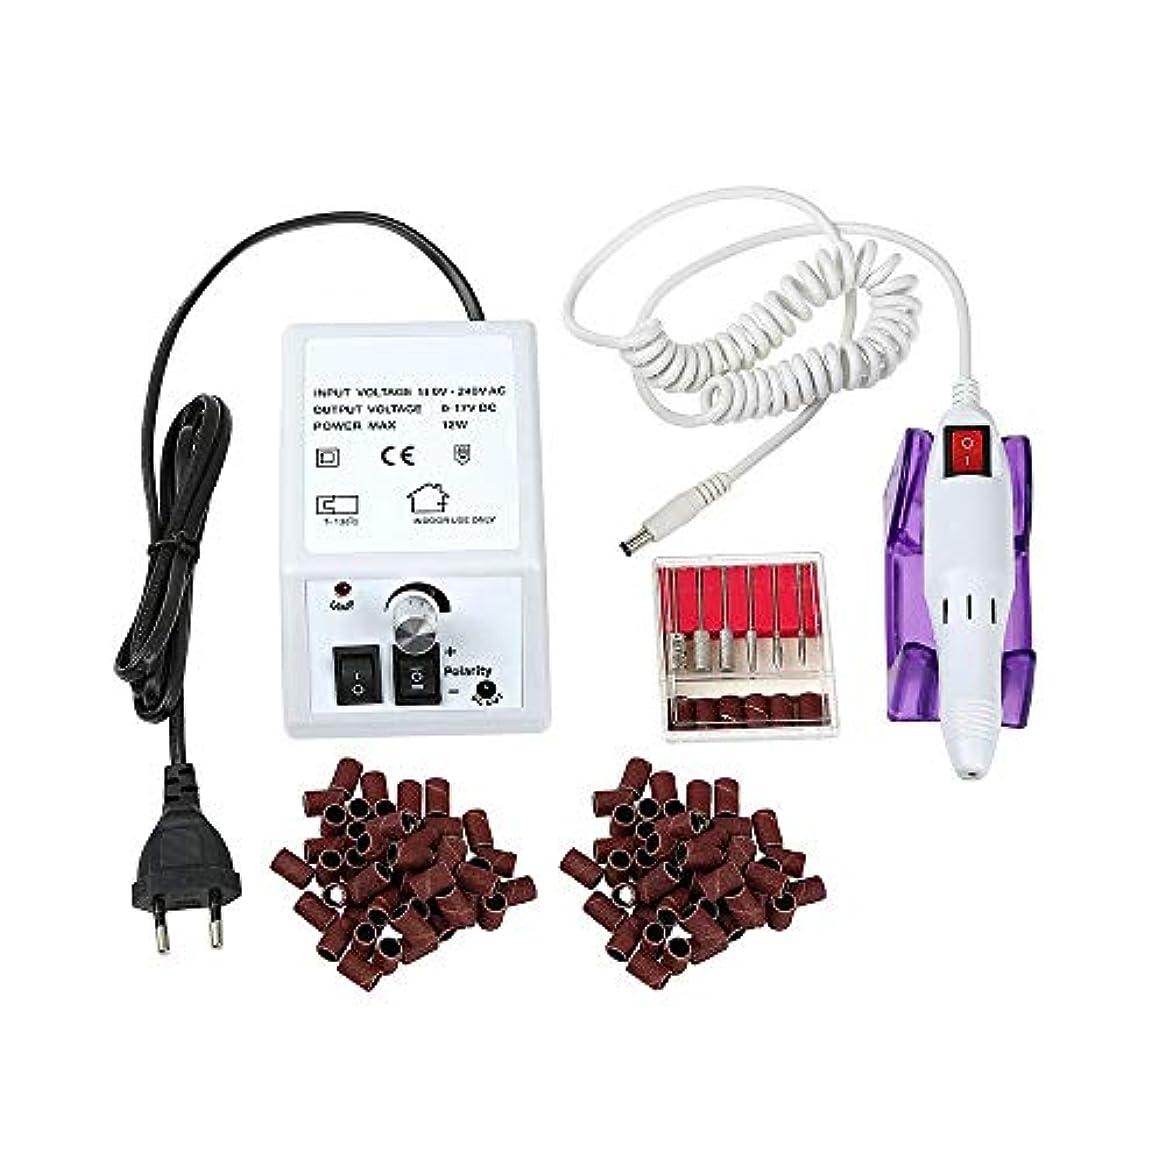 取得するセント不健全電気ネイルドリルマシン、20000RPMポータブルネイルドリルマシン、マニキュアとペディキュア用のネイルポリッシャーセット付きの電気ネイルファイルセット